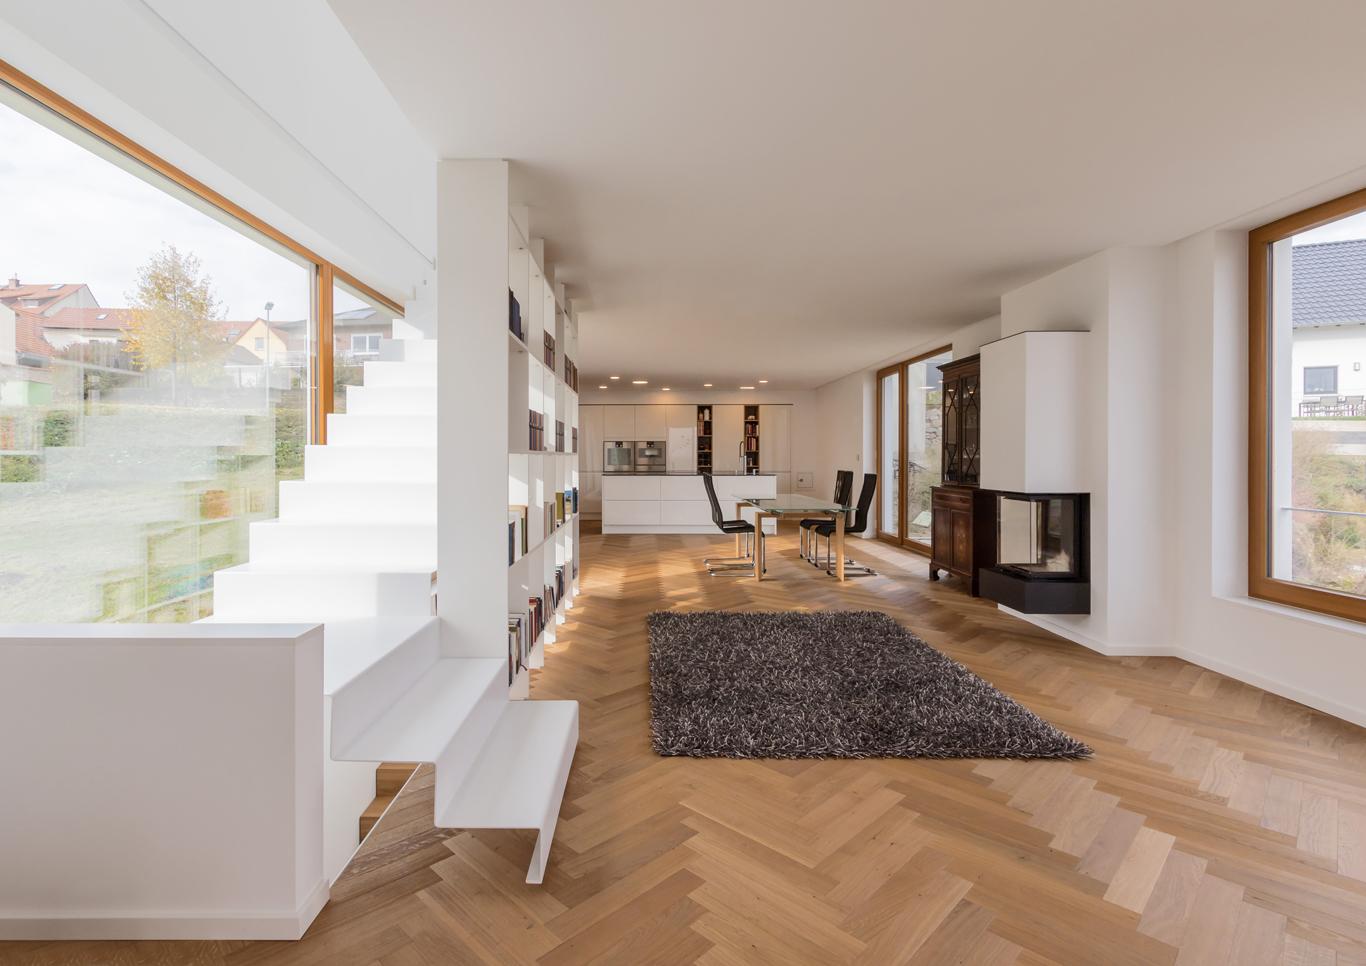 Tolle Neubau Innen Bilder - Images for inspirierende Ideen für ...